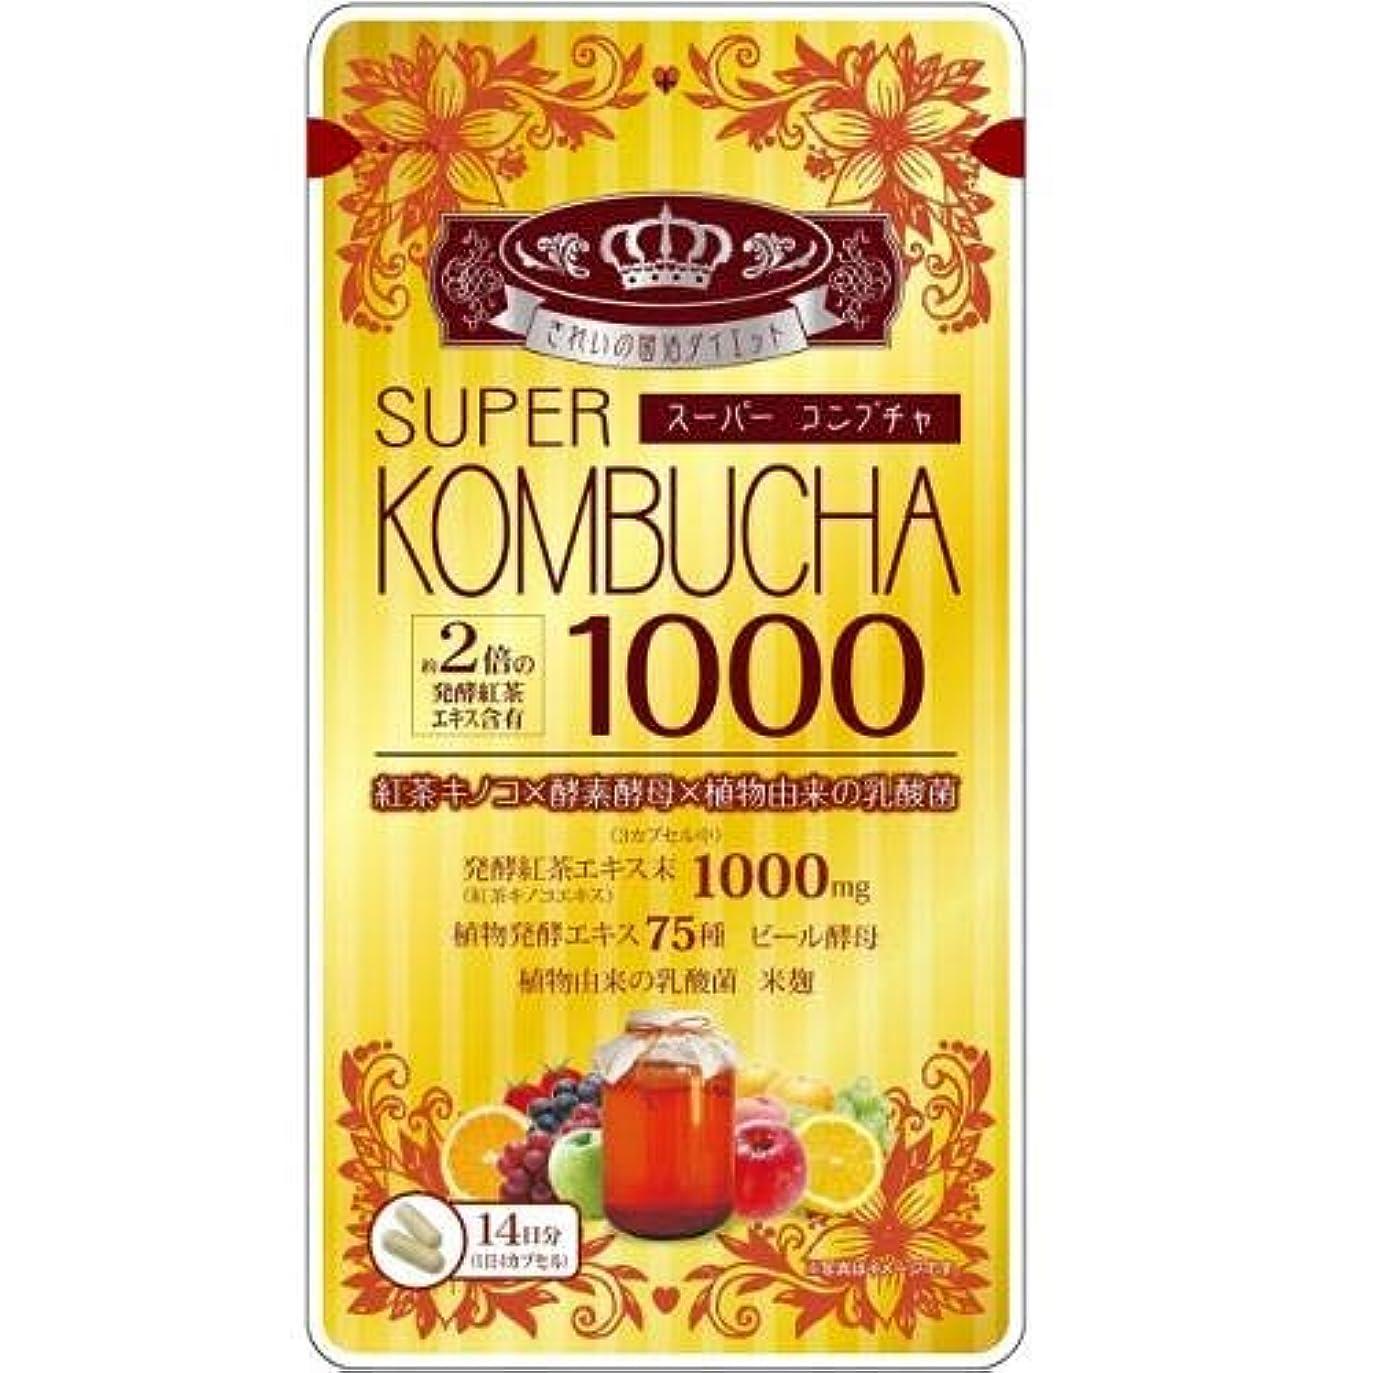 オンス冷蔵庫正しくユーワ SUPER KOMBUCHA 1000mg 56粒×5個セット スーパー コンブチャ